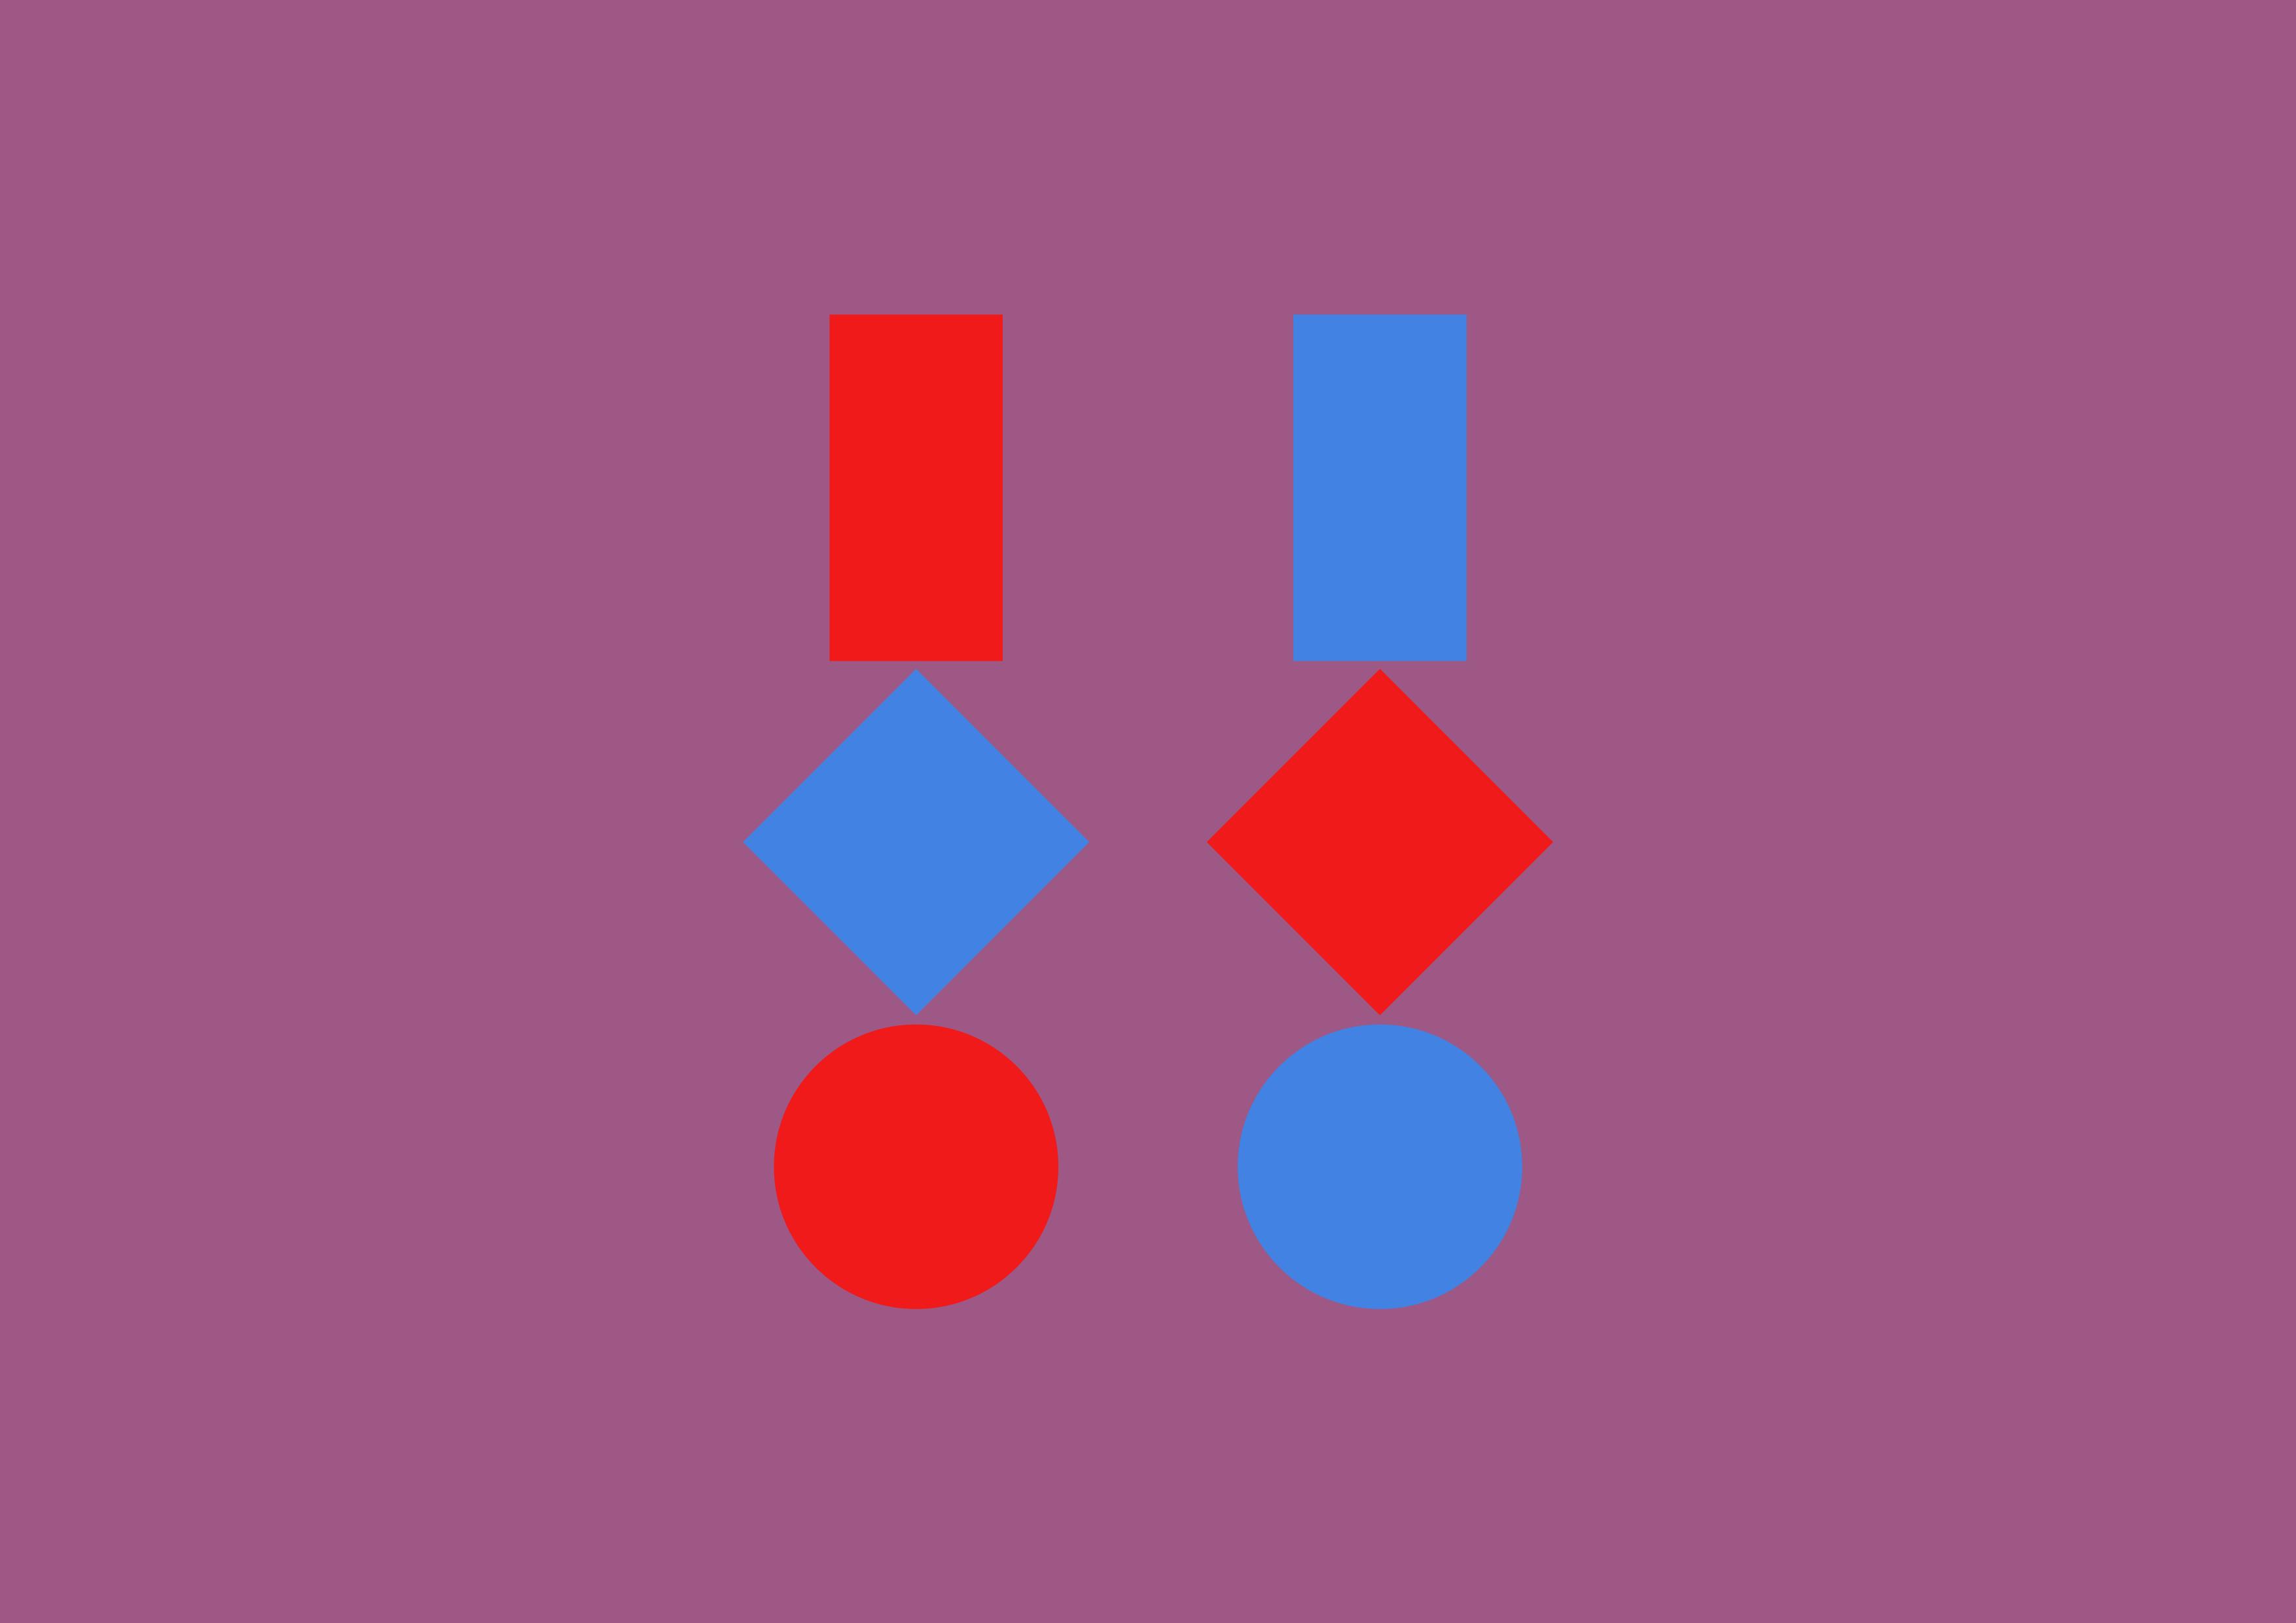 Drei geometrische Figuren · Rot und Blau · Mischfarbe als Hintergrund